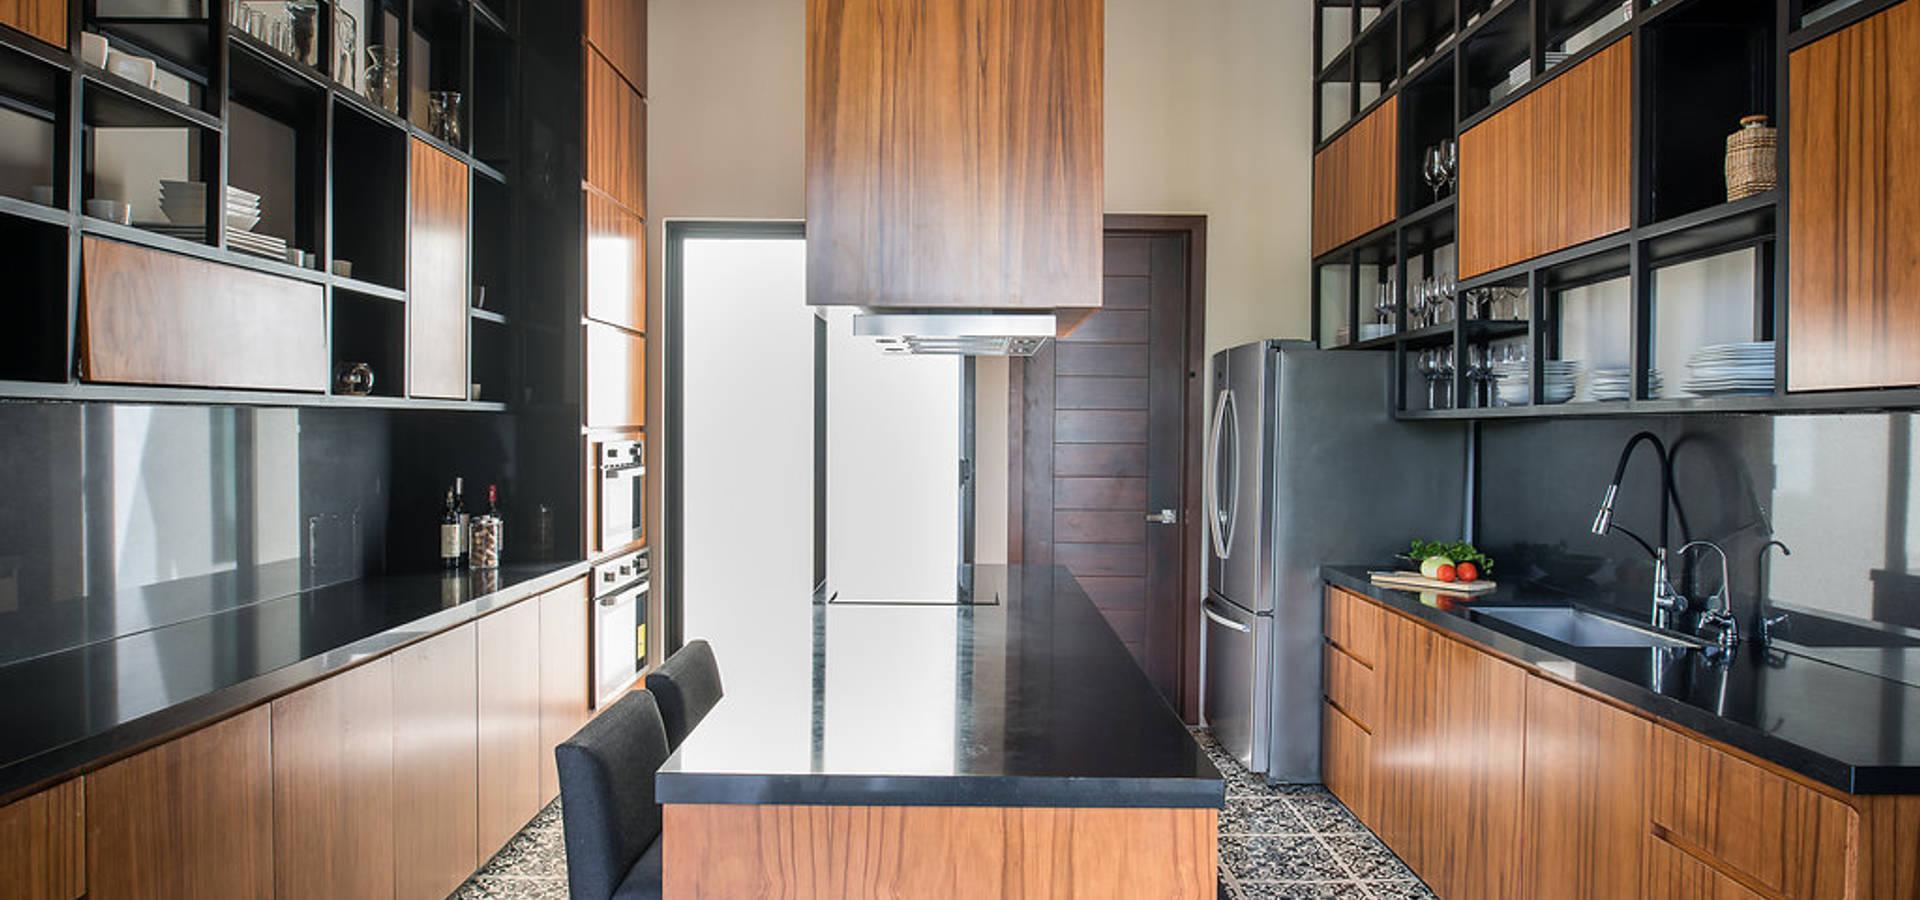 Chehade Carter Diseño Interior